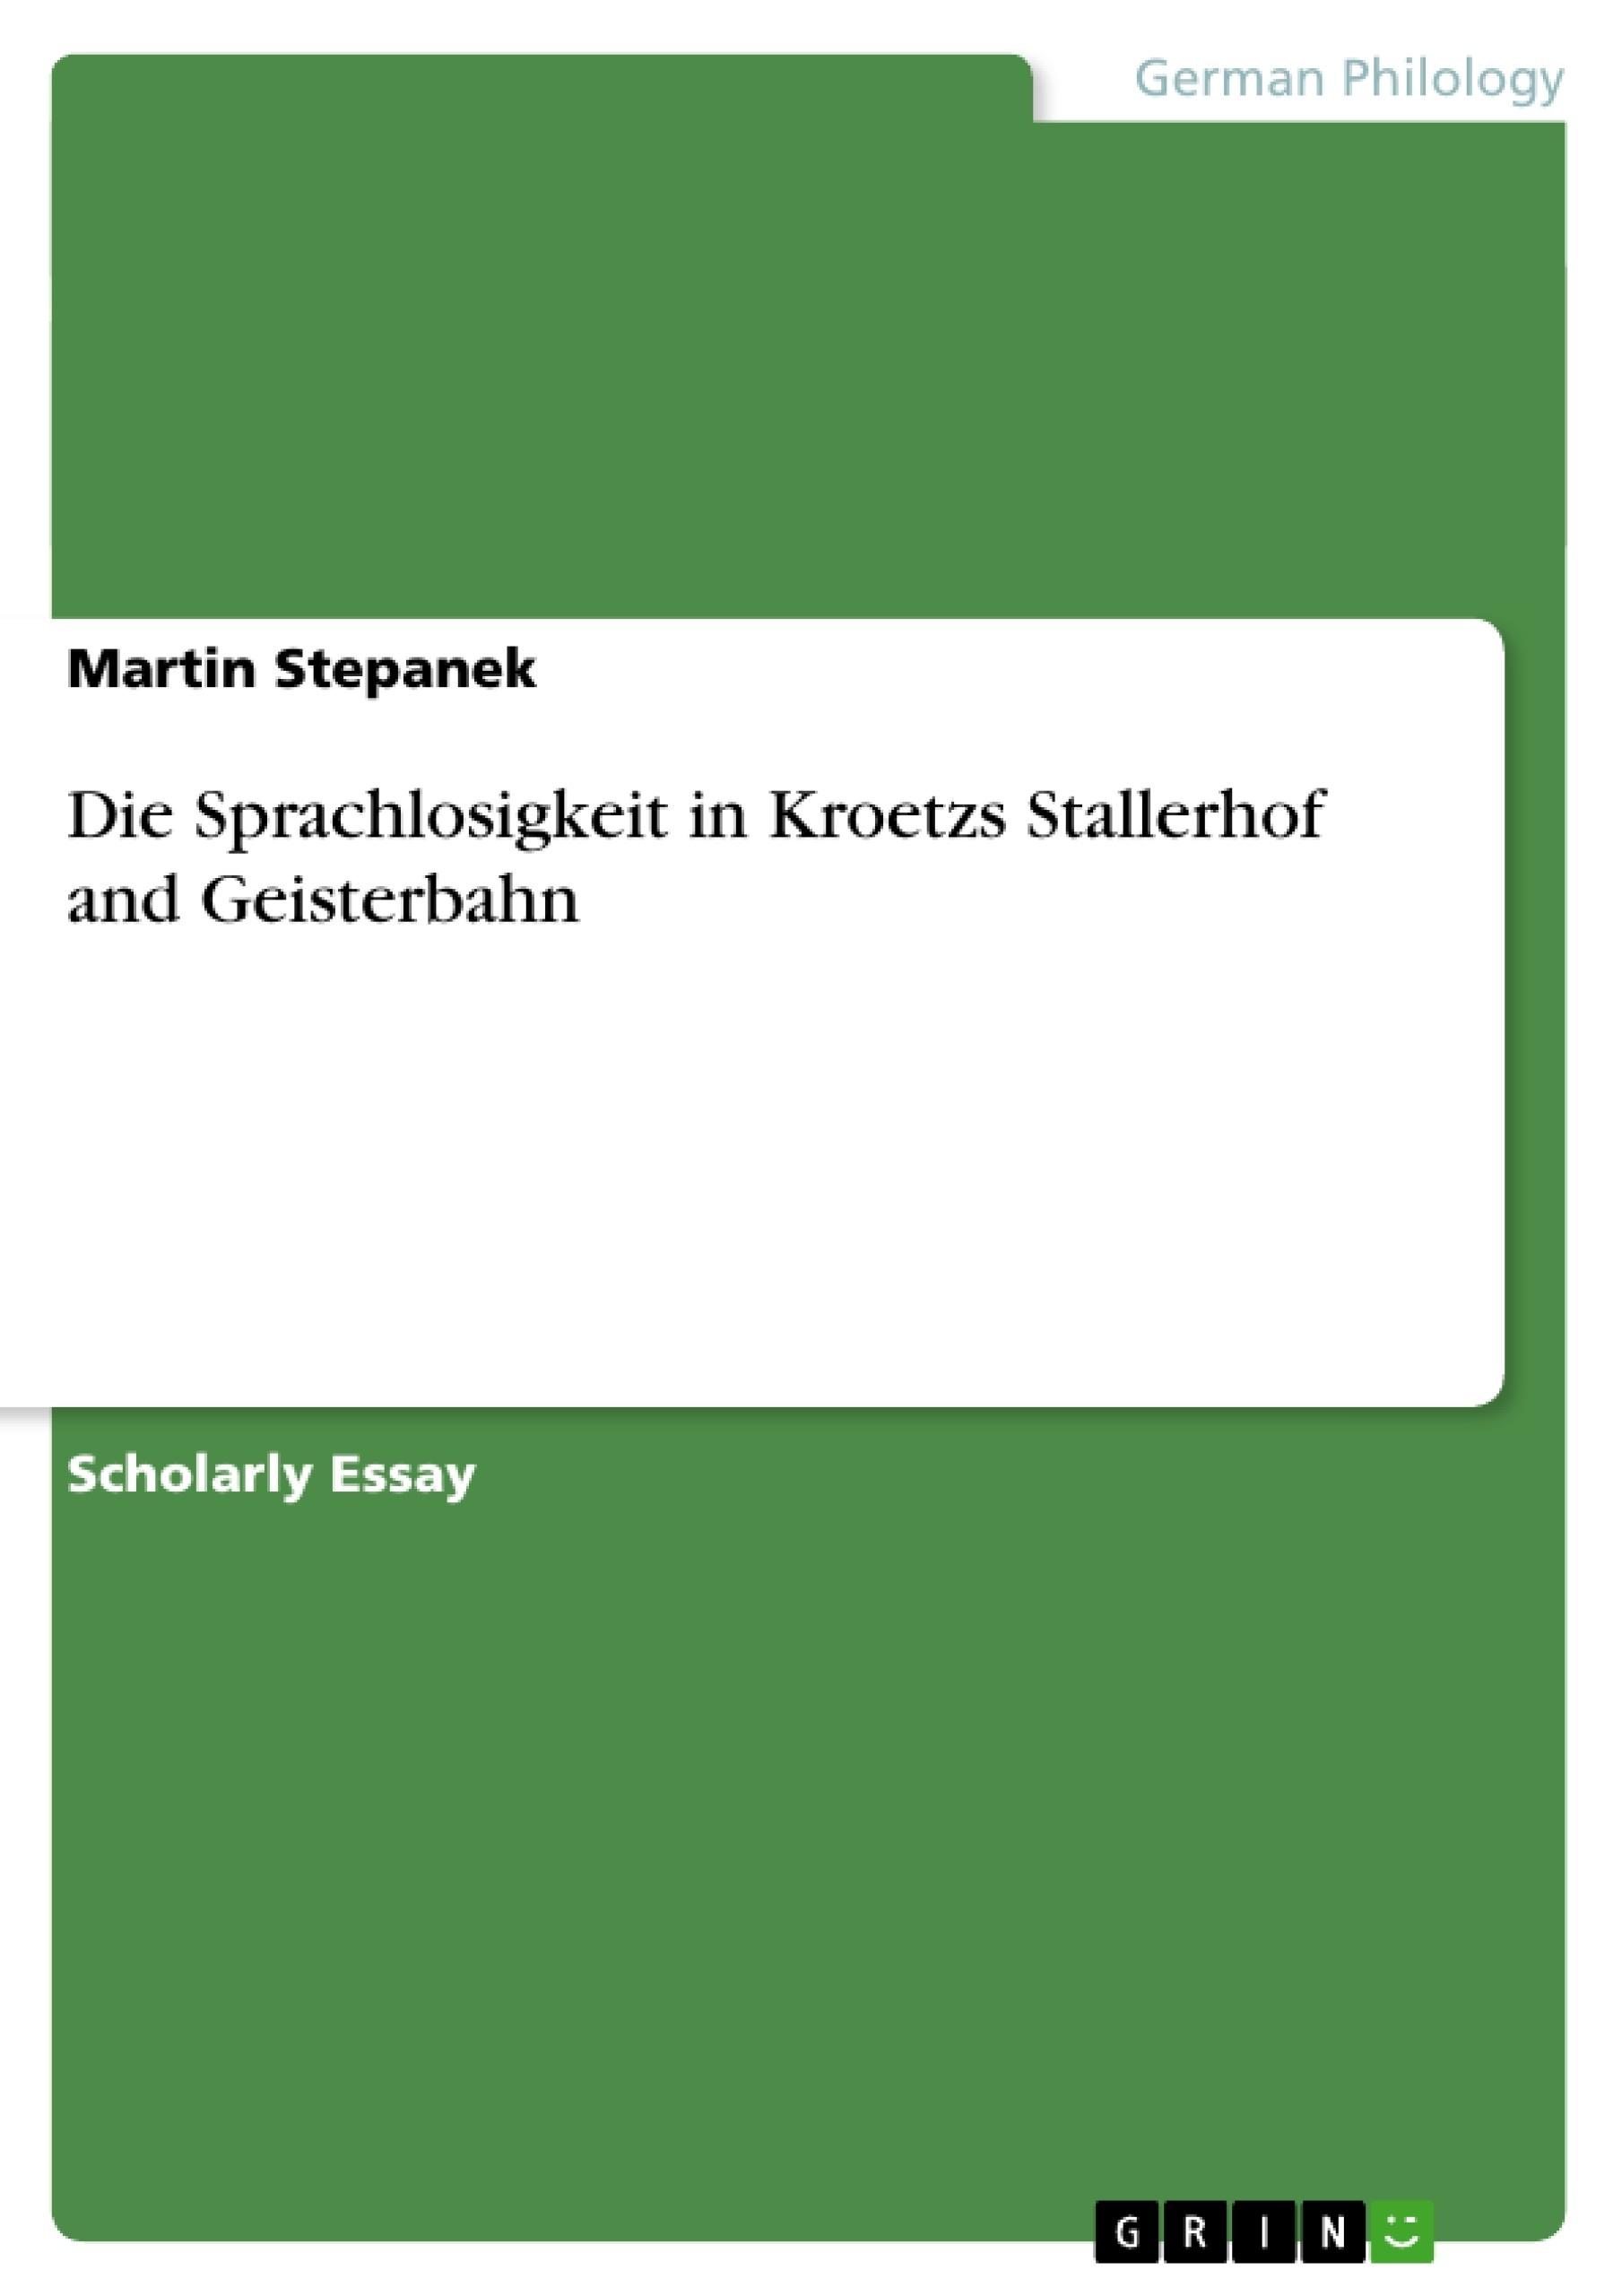 Title: Die Sprachlosigkeit  in Kroetzs Stallerhof and Geisterbahn